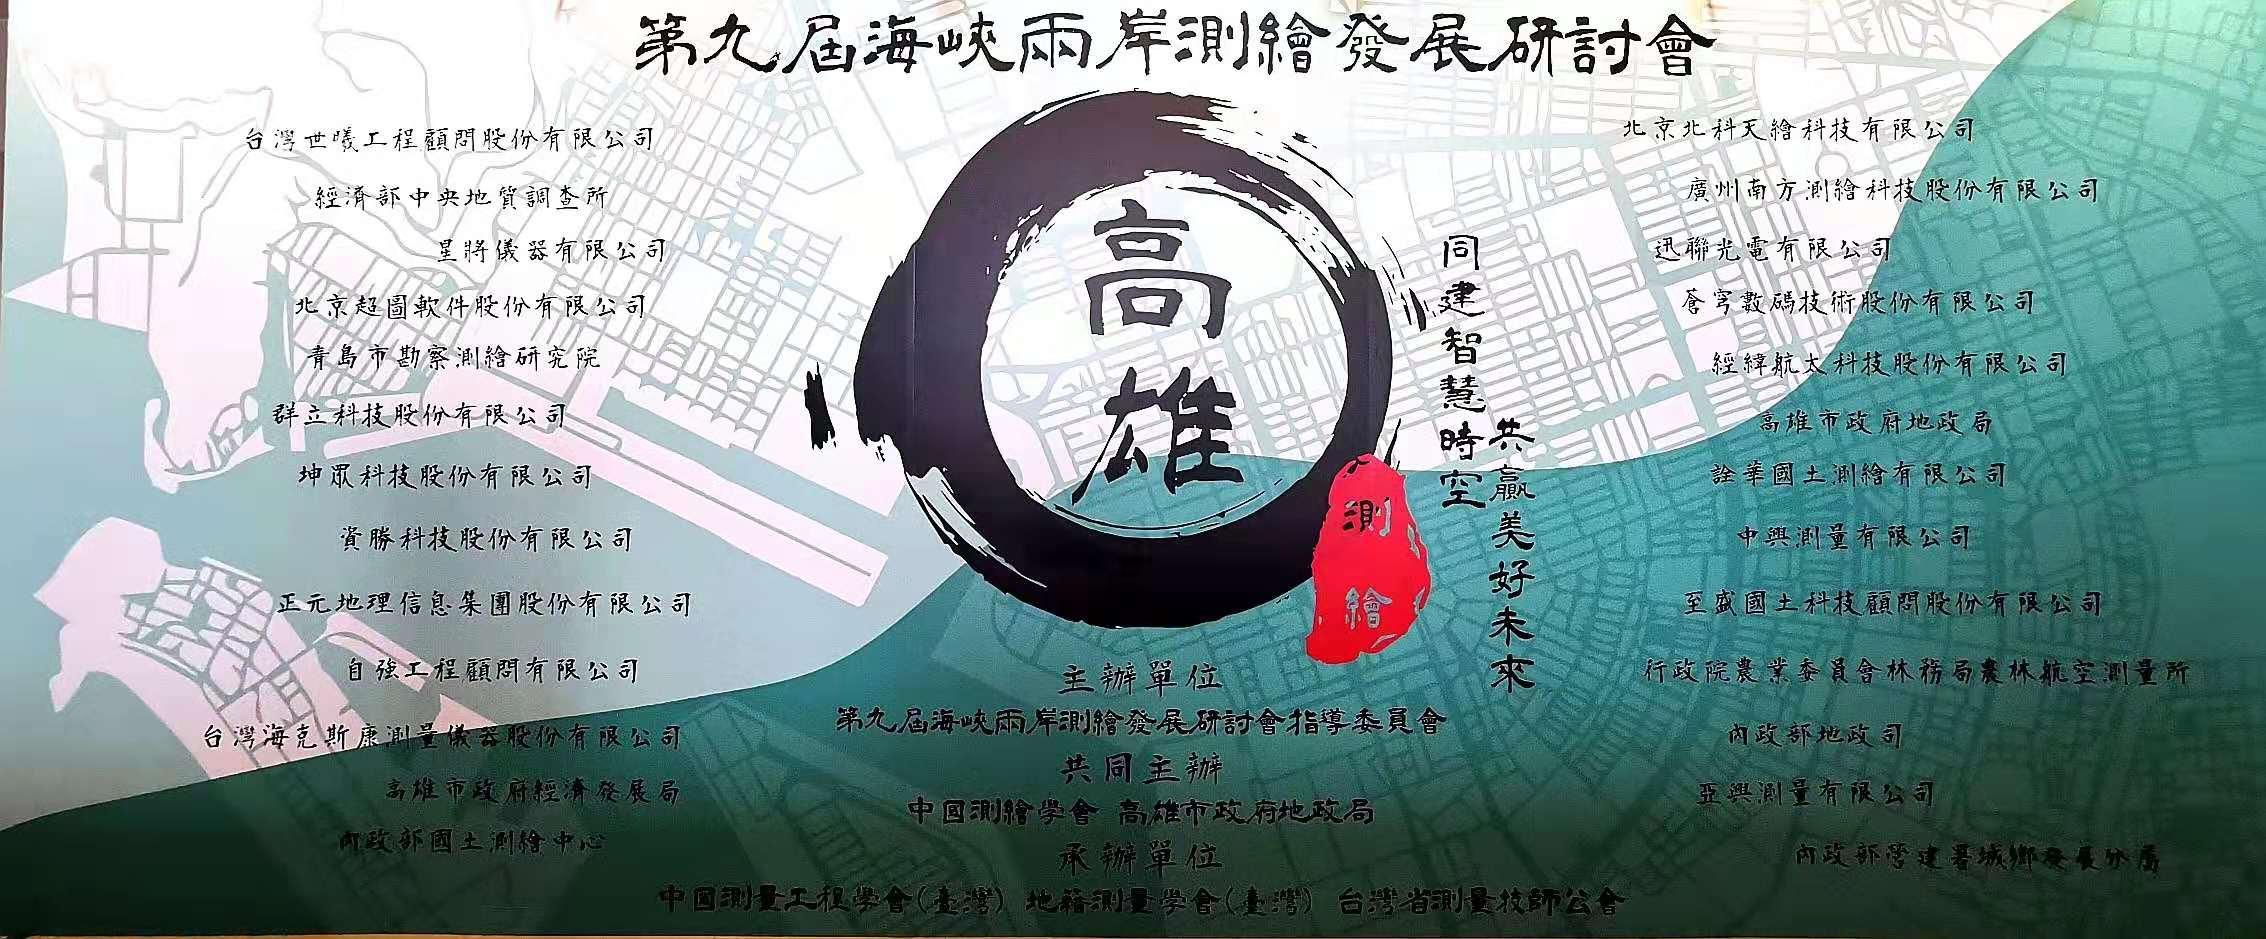 第九届海峡两岸测绘发展研讨会在台湾高雄召开